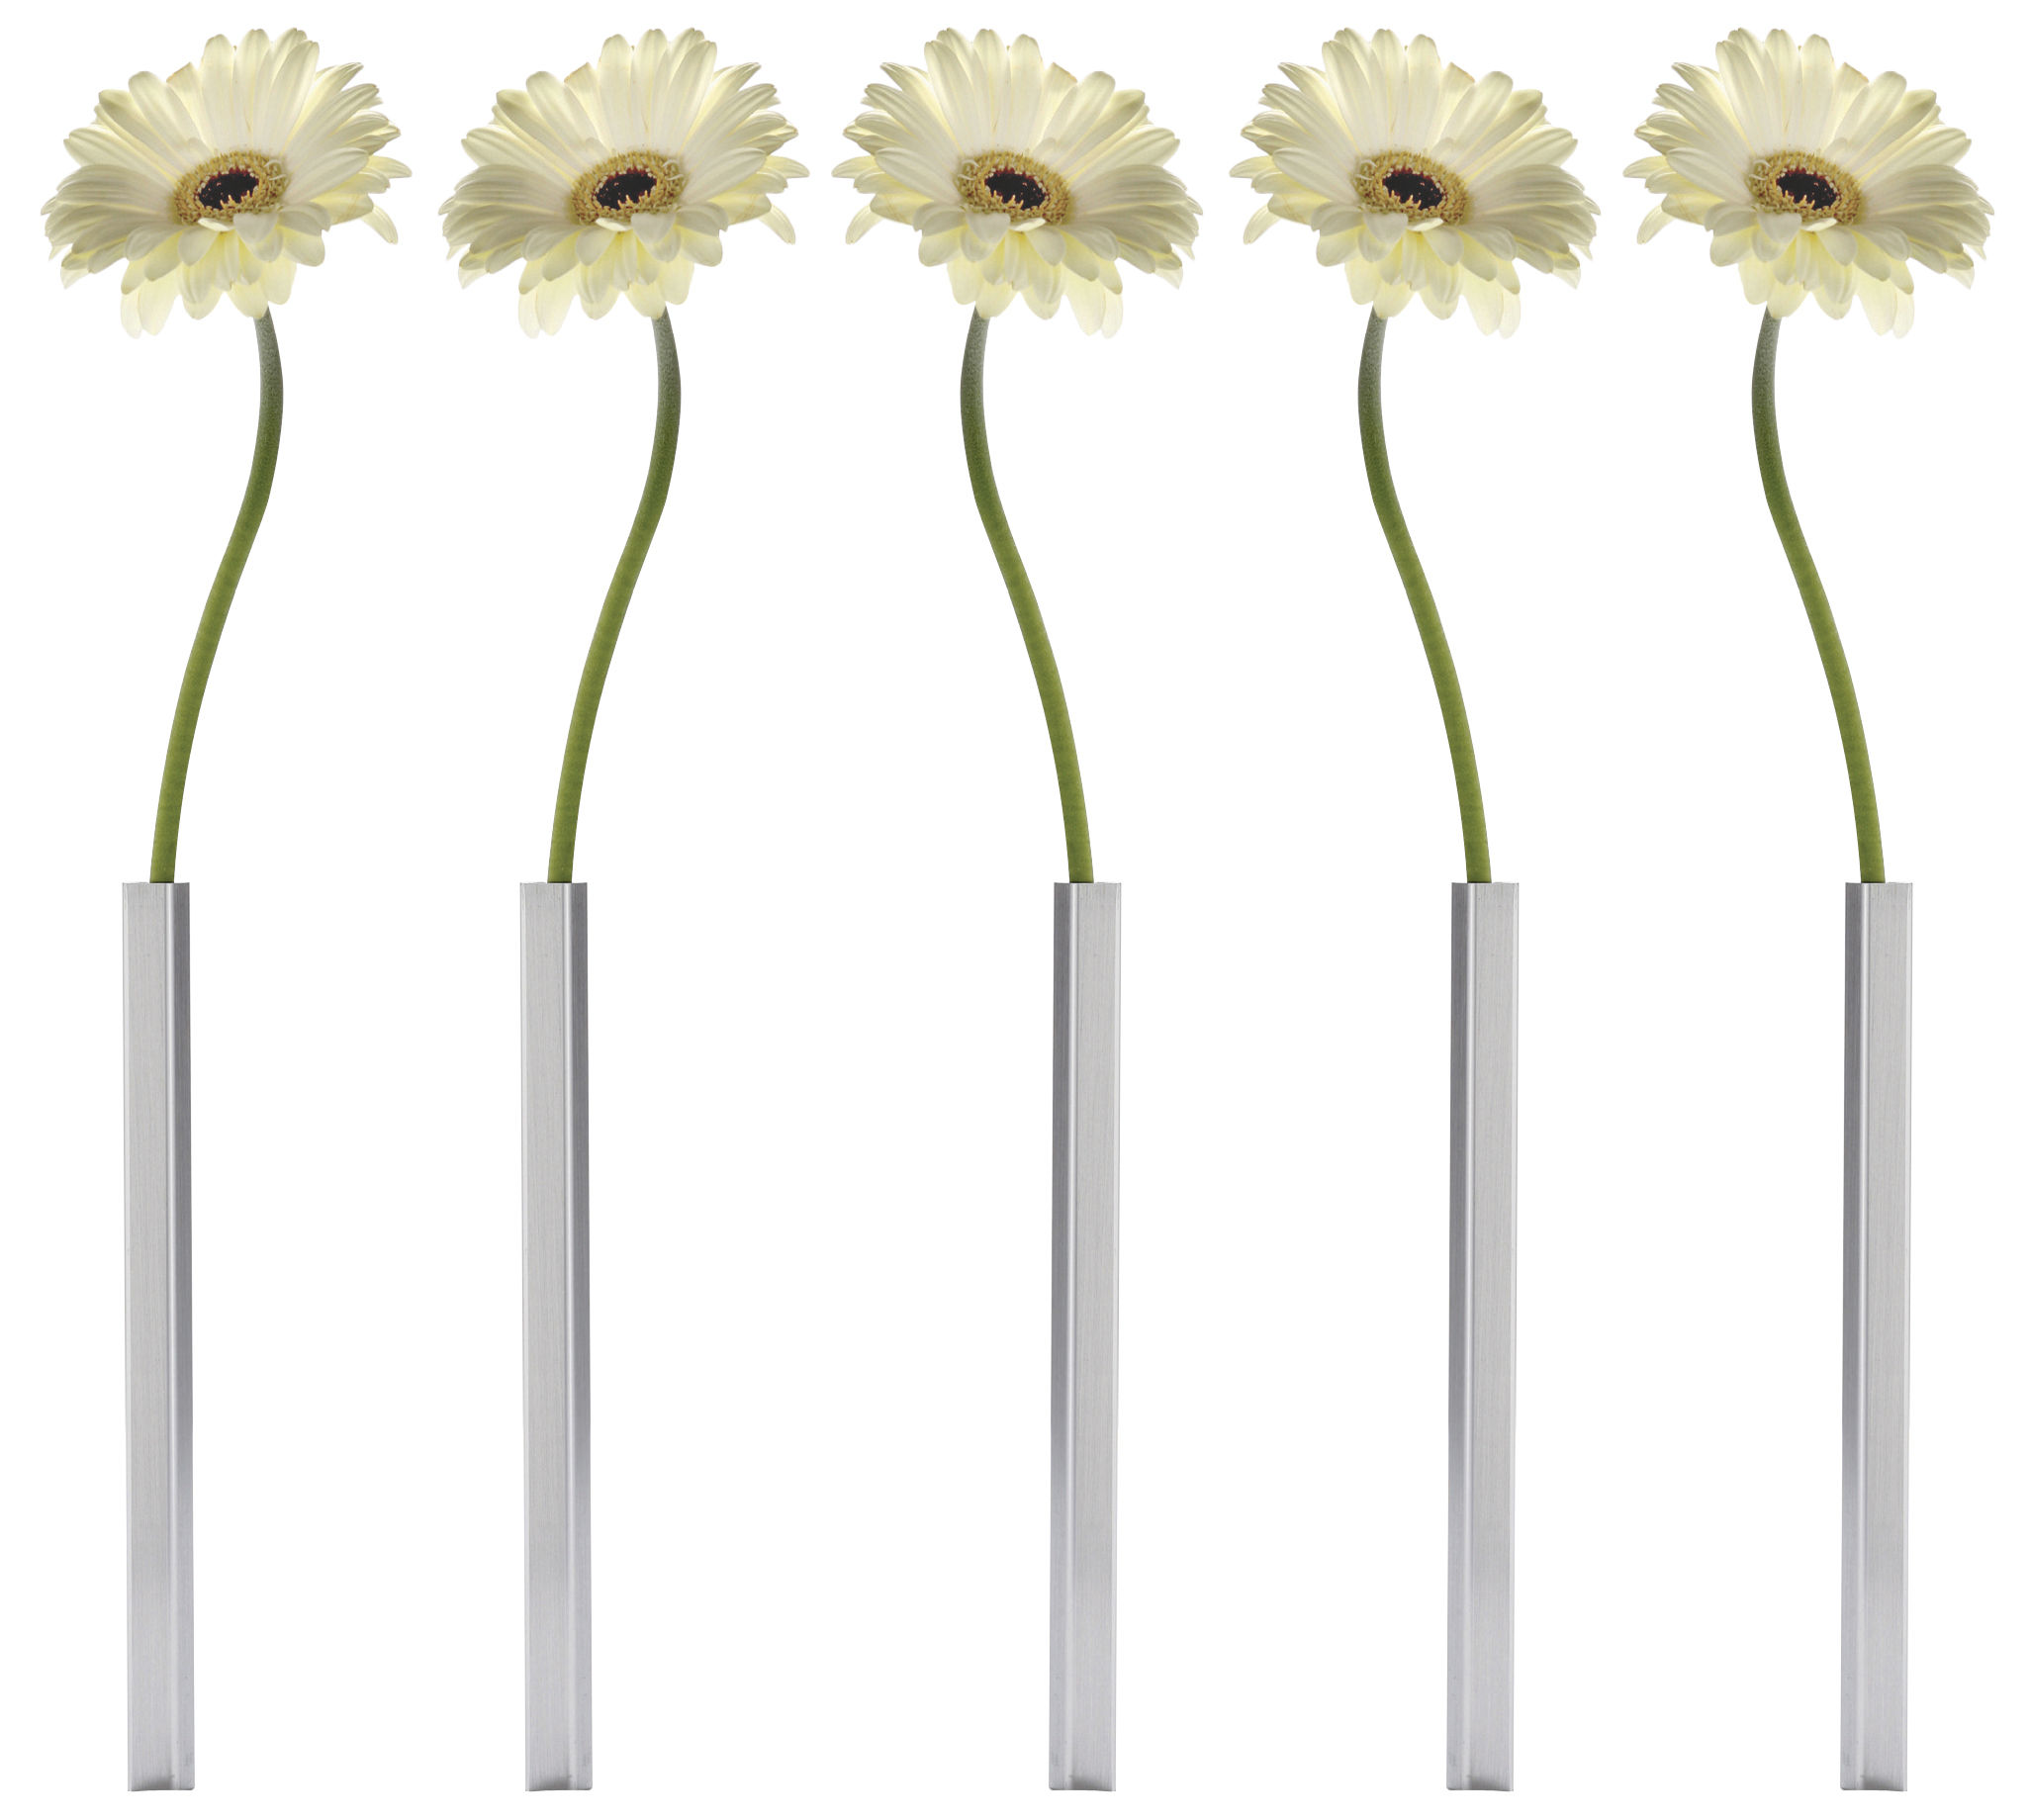 Decoration - Vases - Magnetic Bud vase - Set of 5 by Pa Design - Aluminium - Aluminium